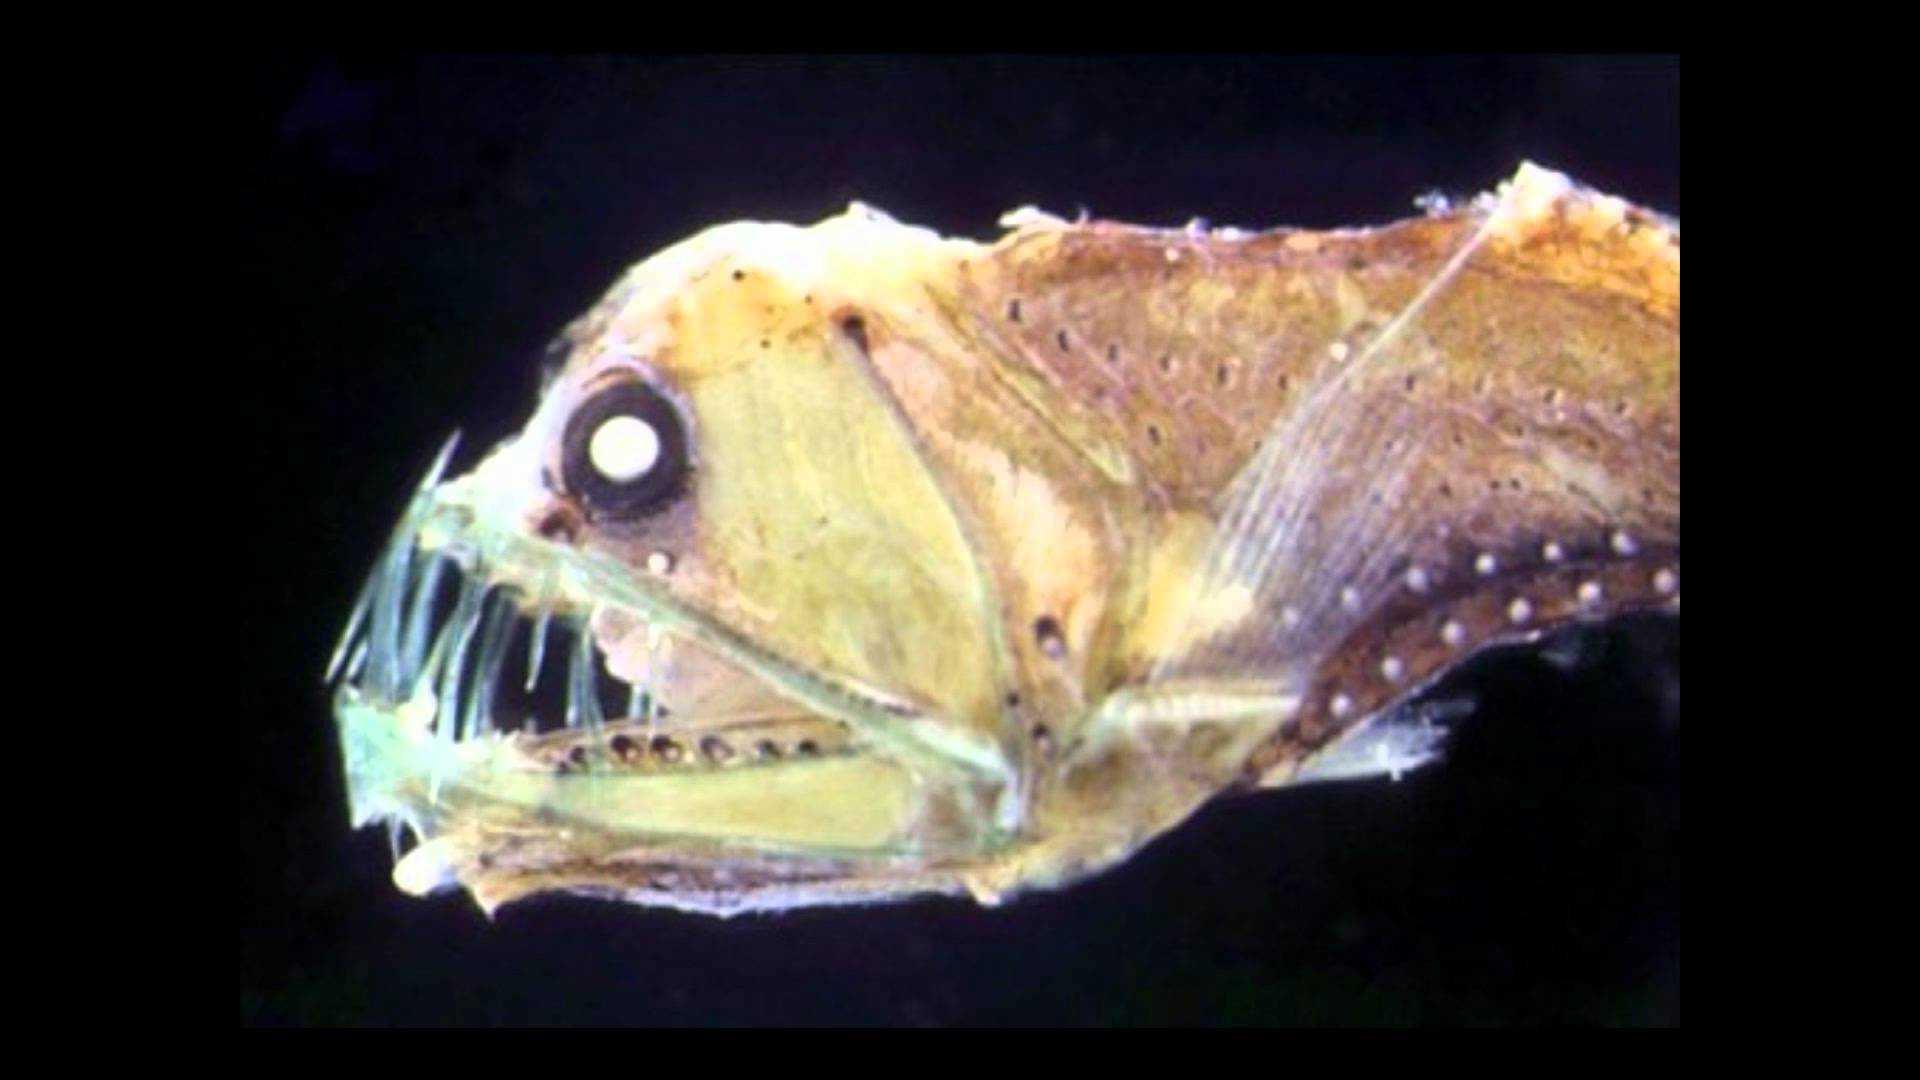 Criaturas marinas que podrían ser las protagonistas de una película de terror 2